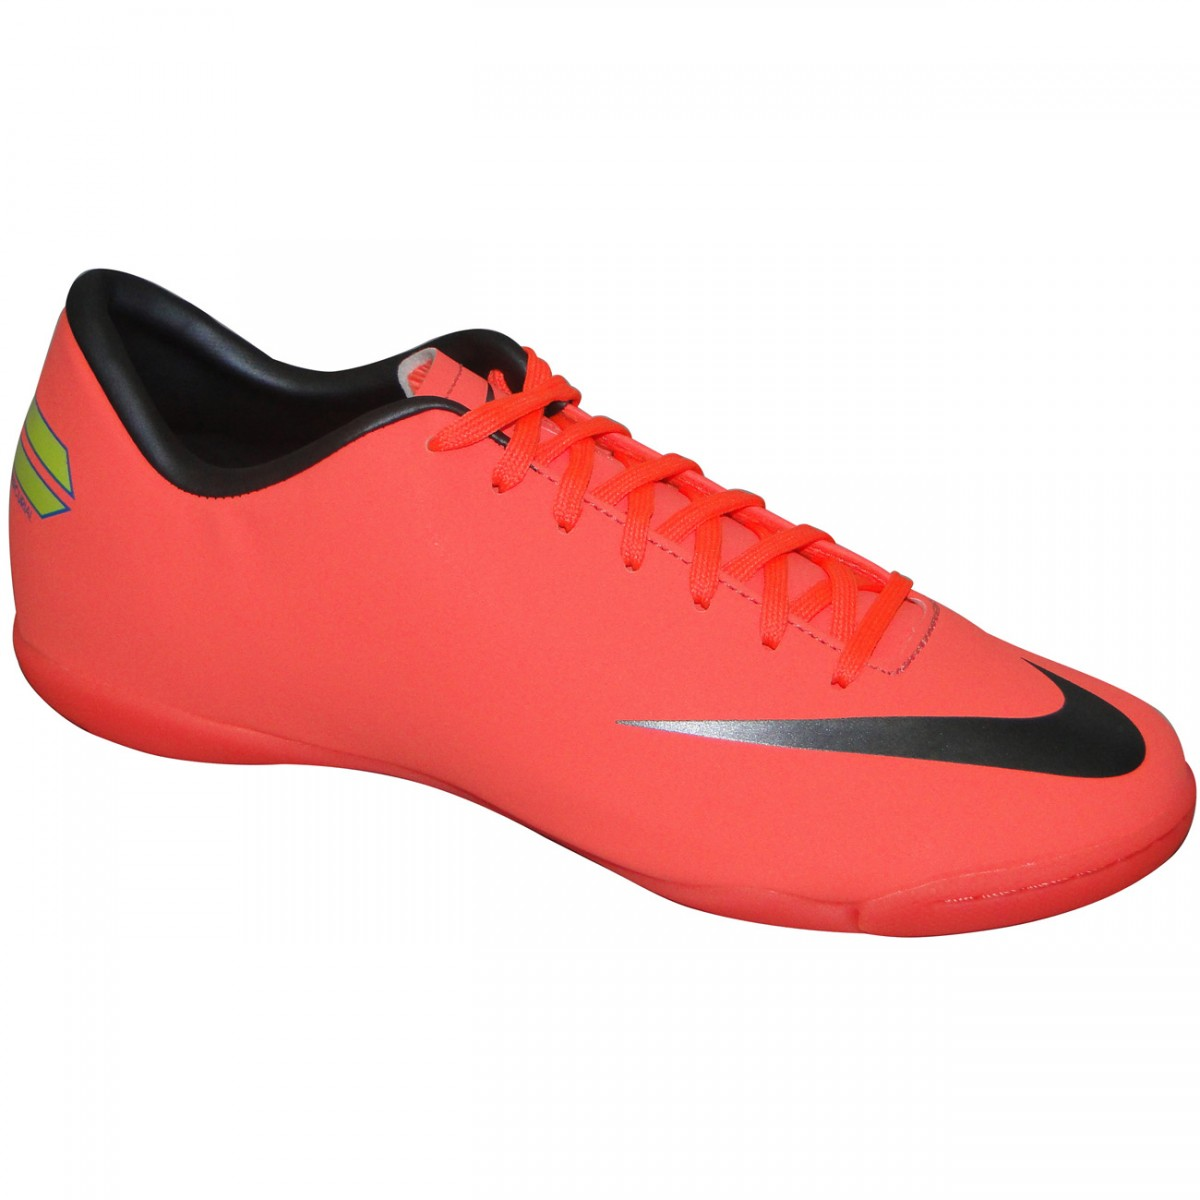 e9853d0a7b510 Tênis Nike Mercurial Victory Iii 2931 - SALMÃO - Chuteira Nike ...